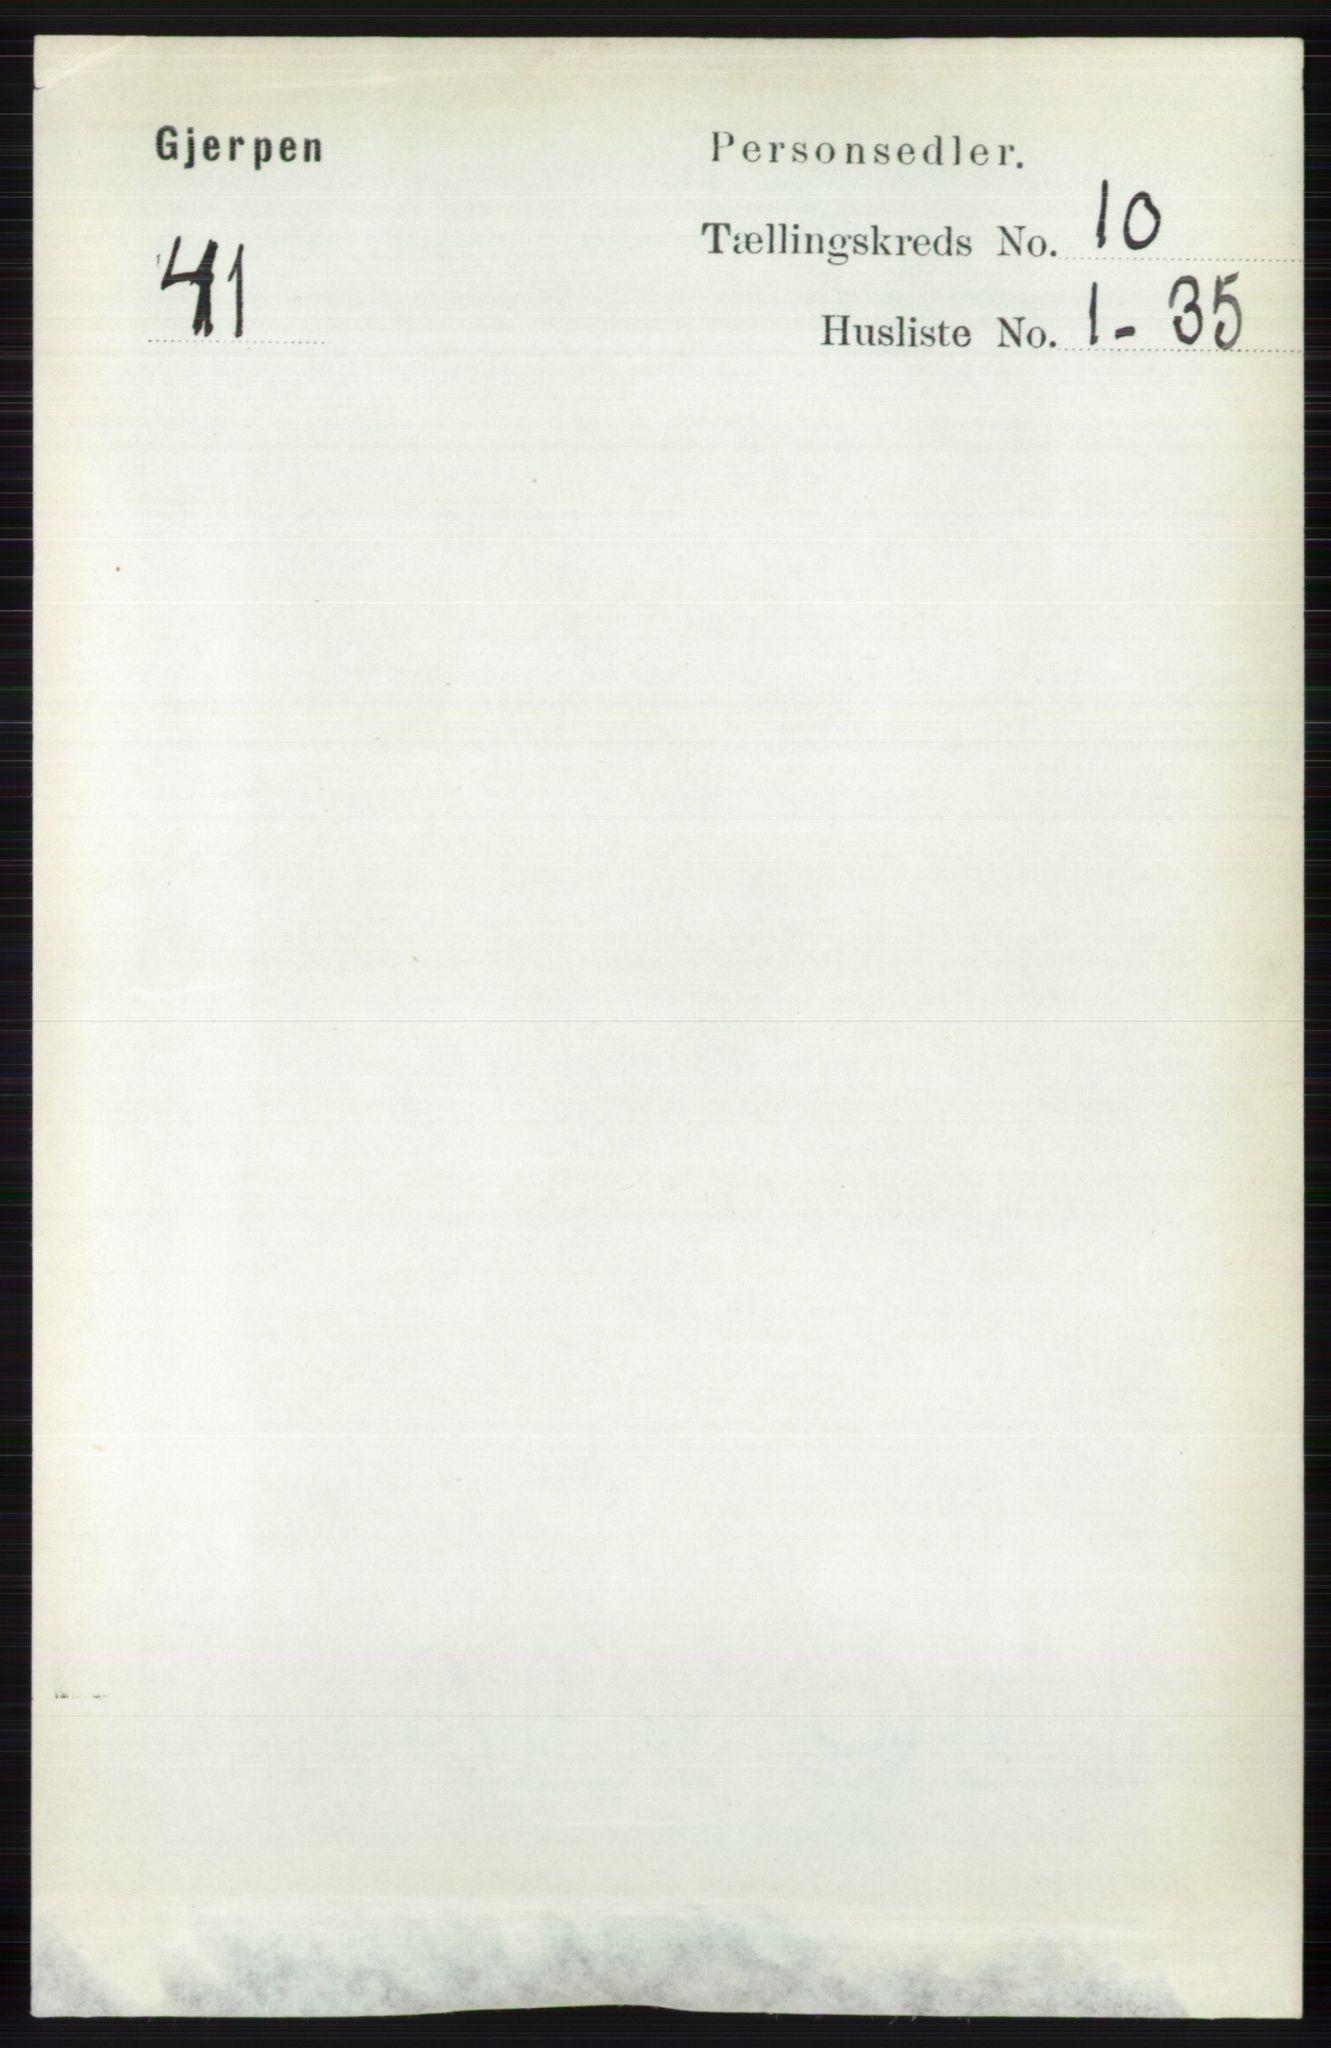 RA, Folketelling 1891 for 0812 Gjerpen herred, 1891, s. 6136